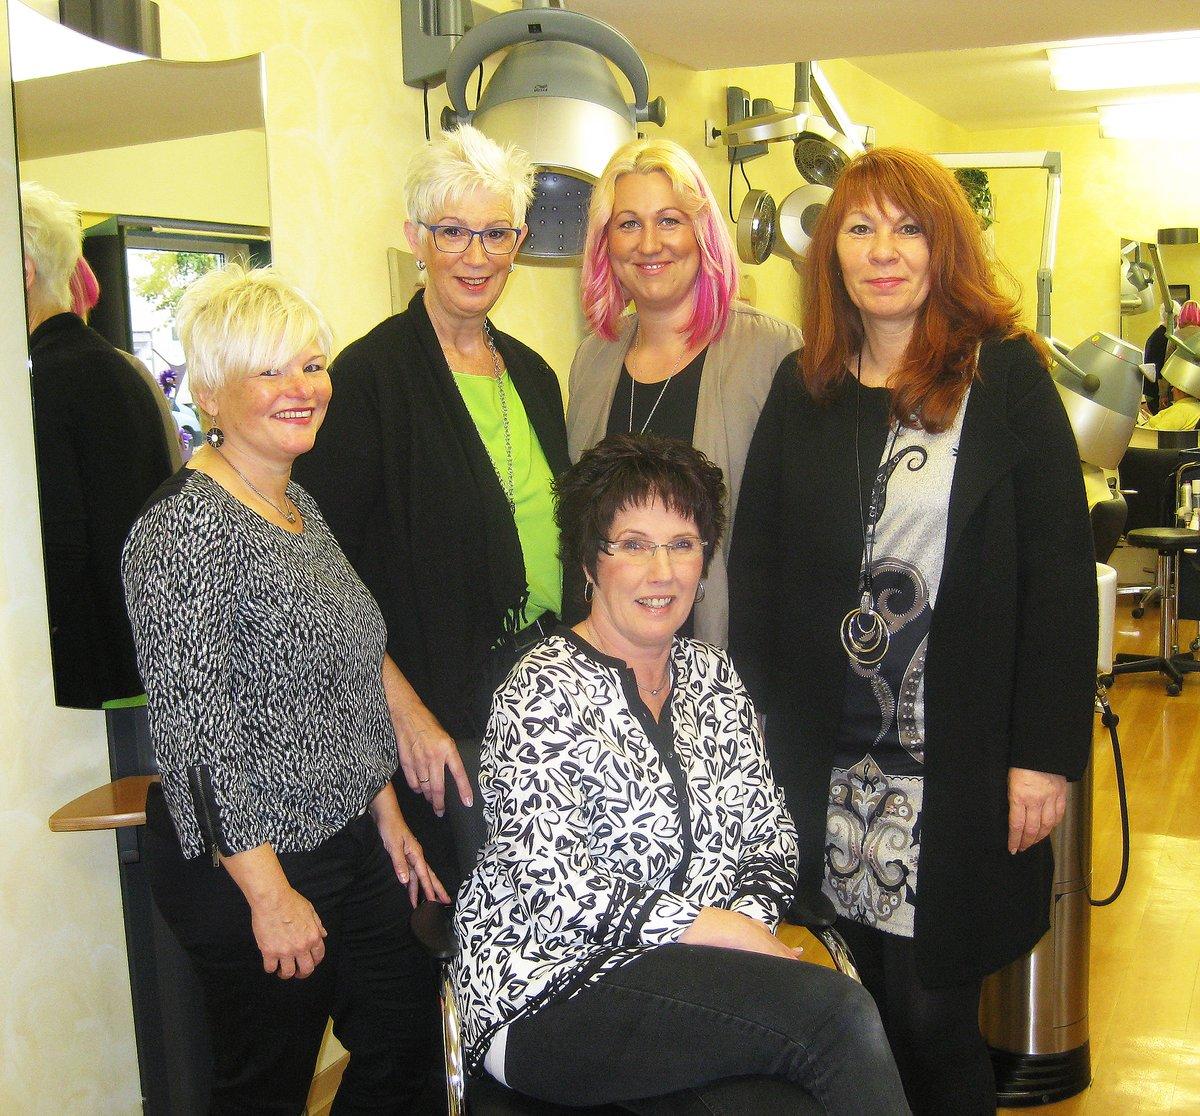 Salon Kamm Schere Trendige Haarschnitte Und Modernste Farben